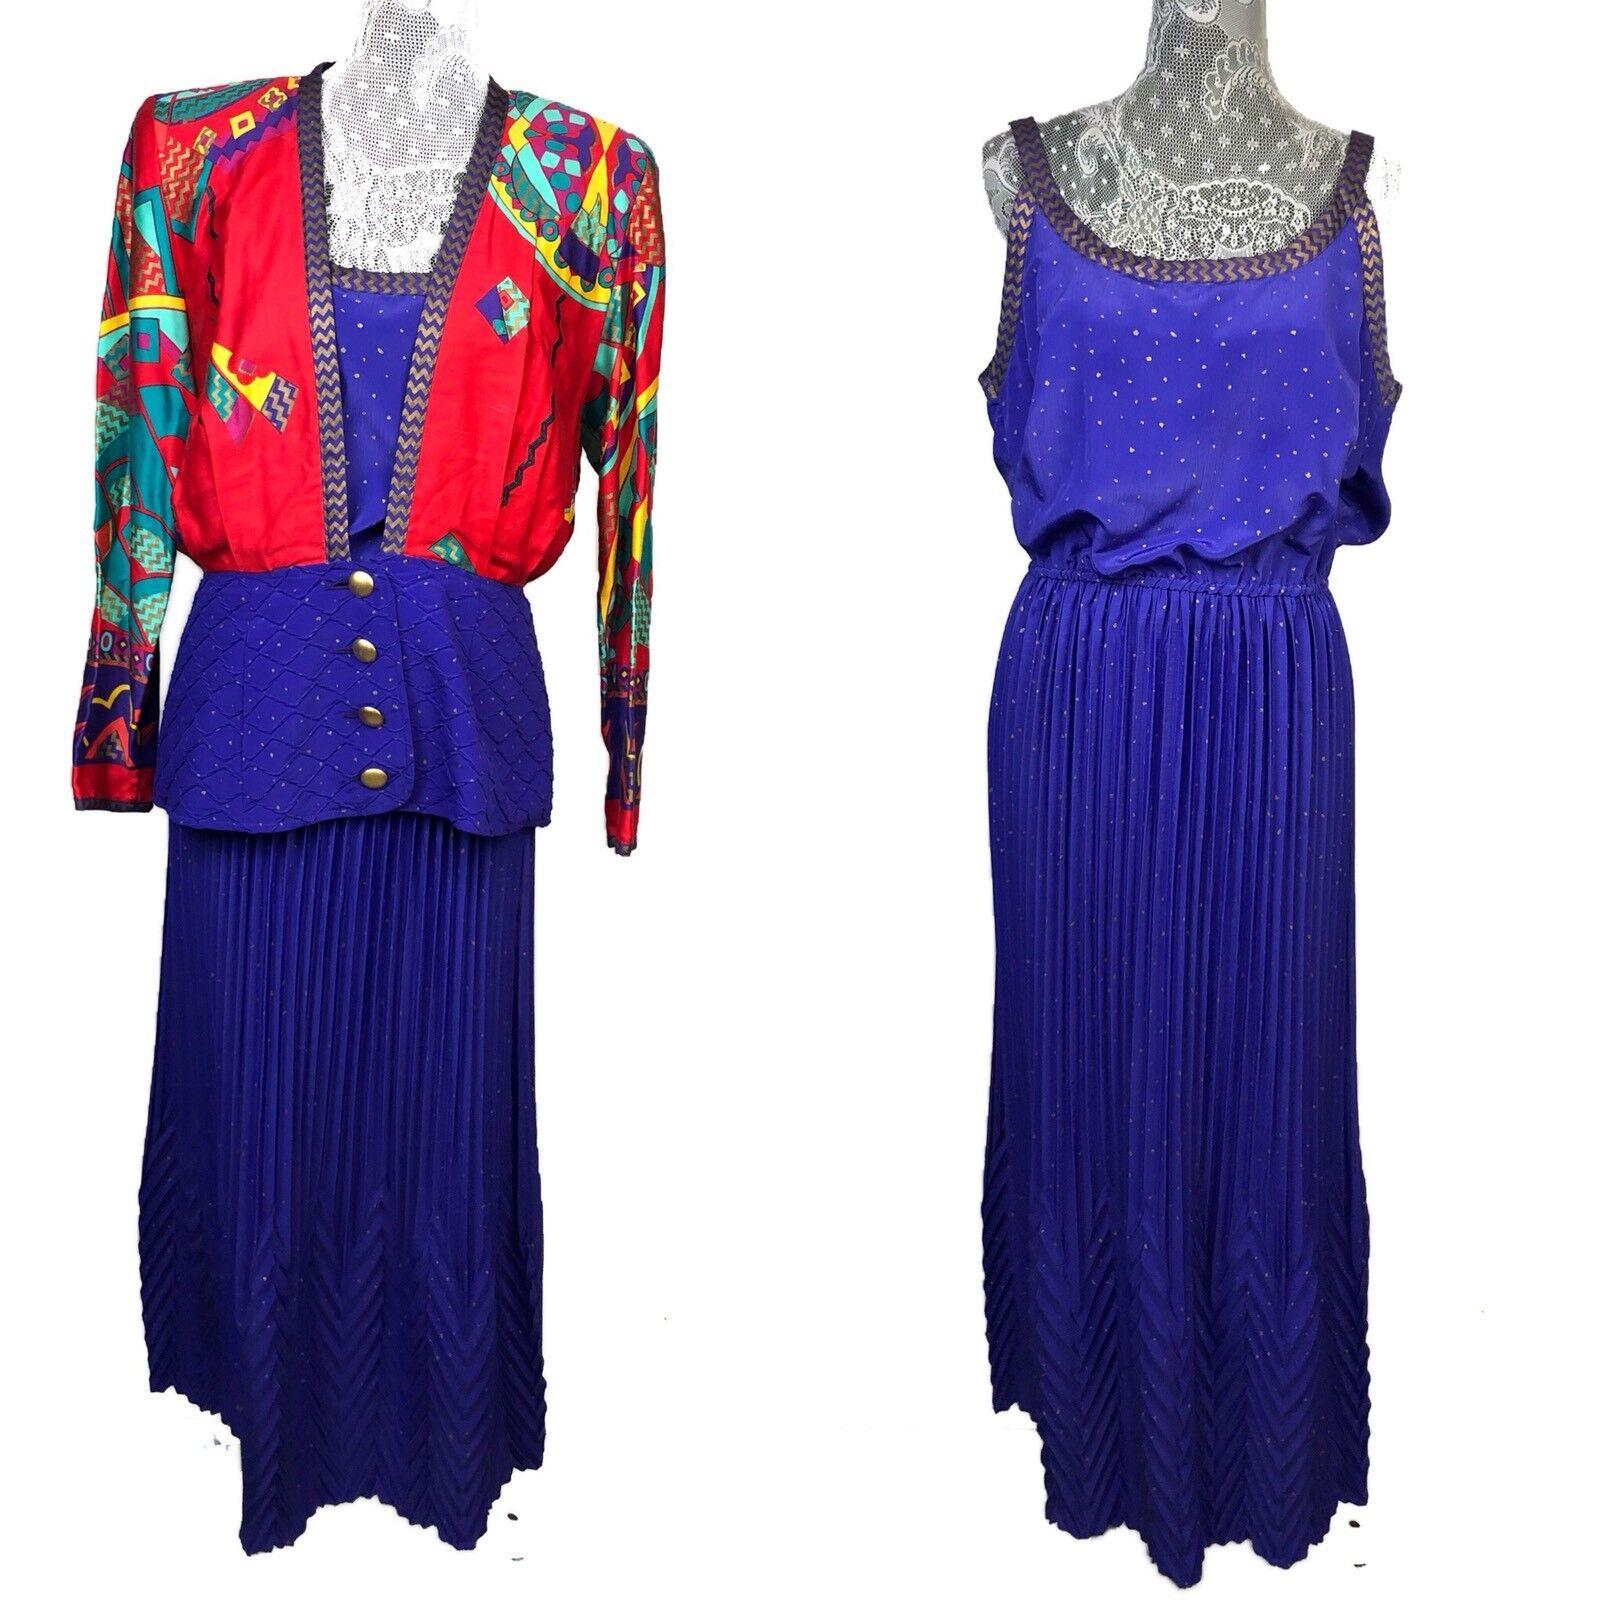 Jeanne Marc Vintage Medium 12 14 Pleated Dress Farbeful Blazer Art To Wear Party